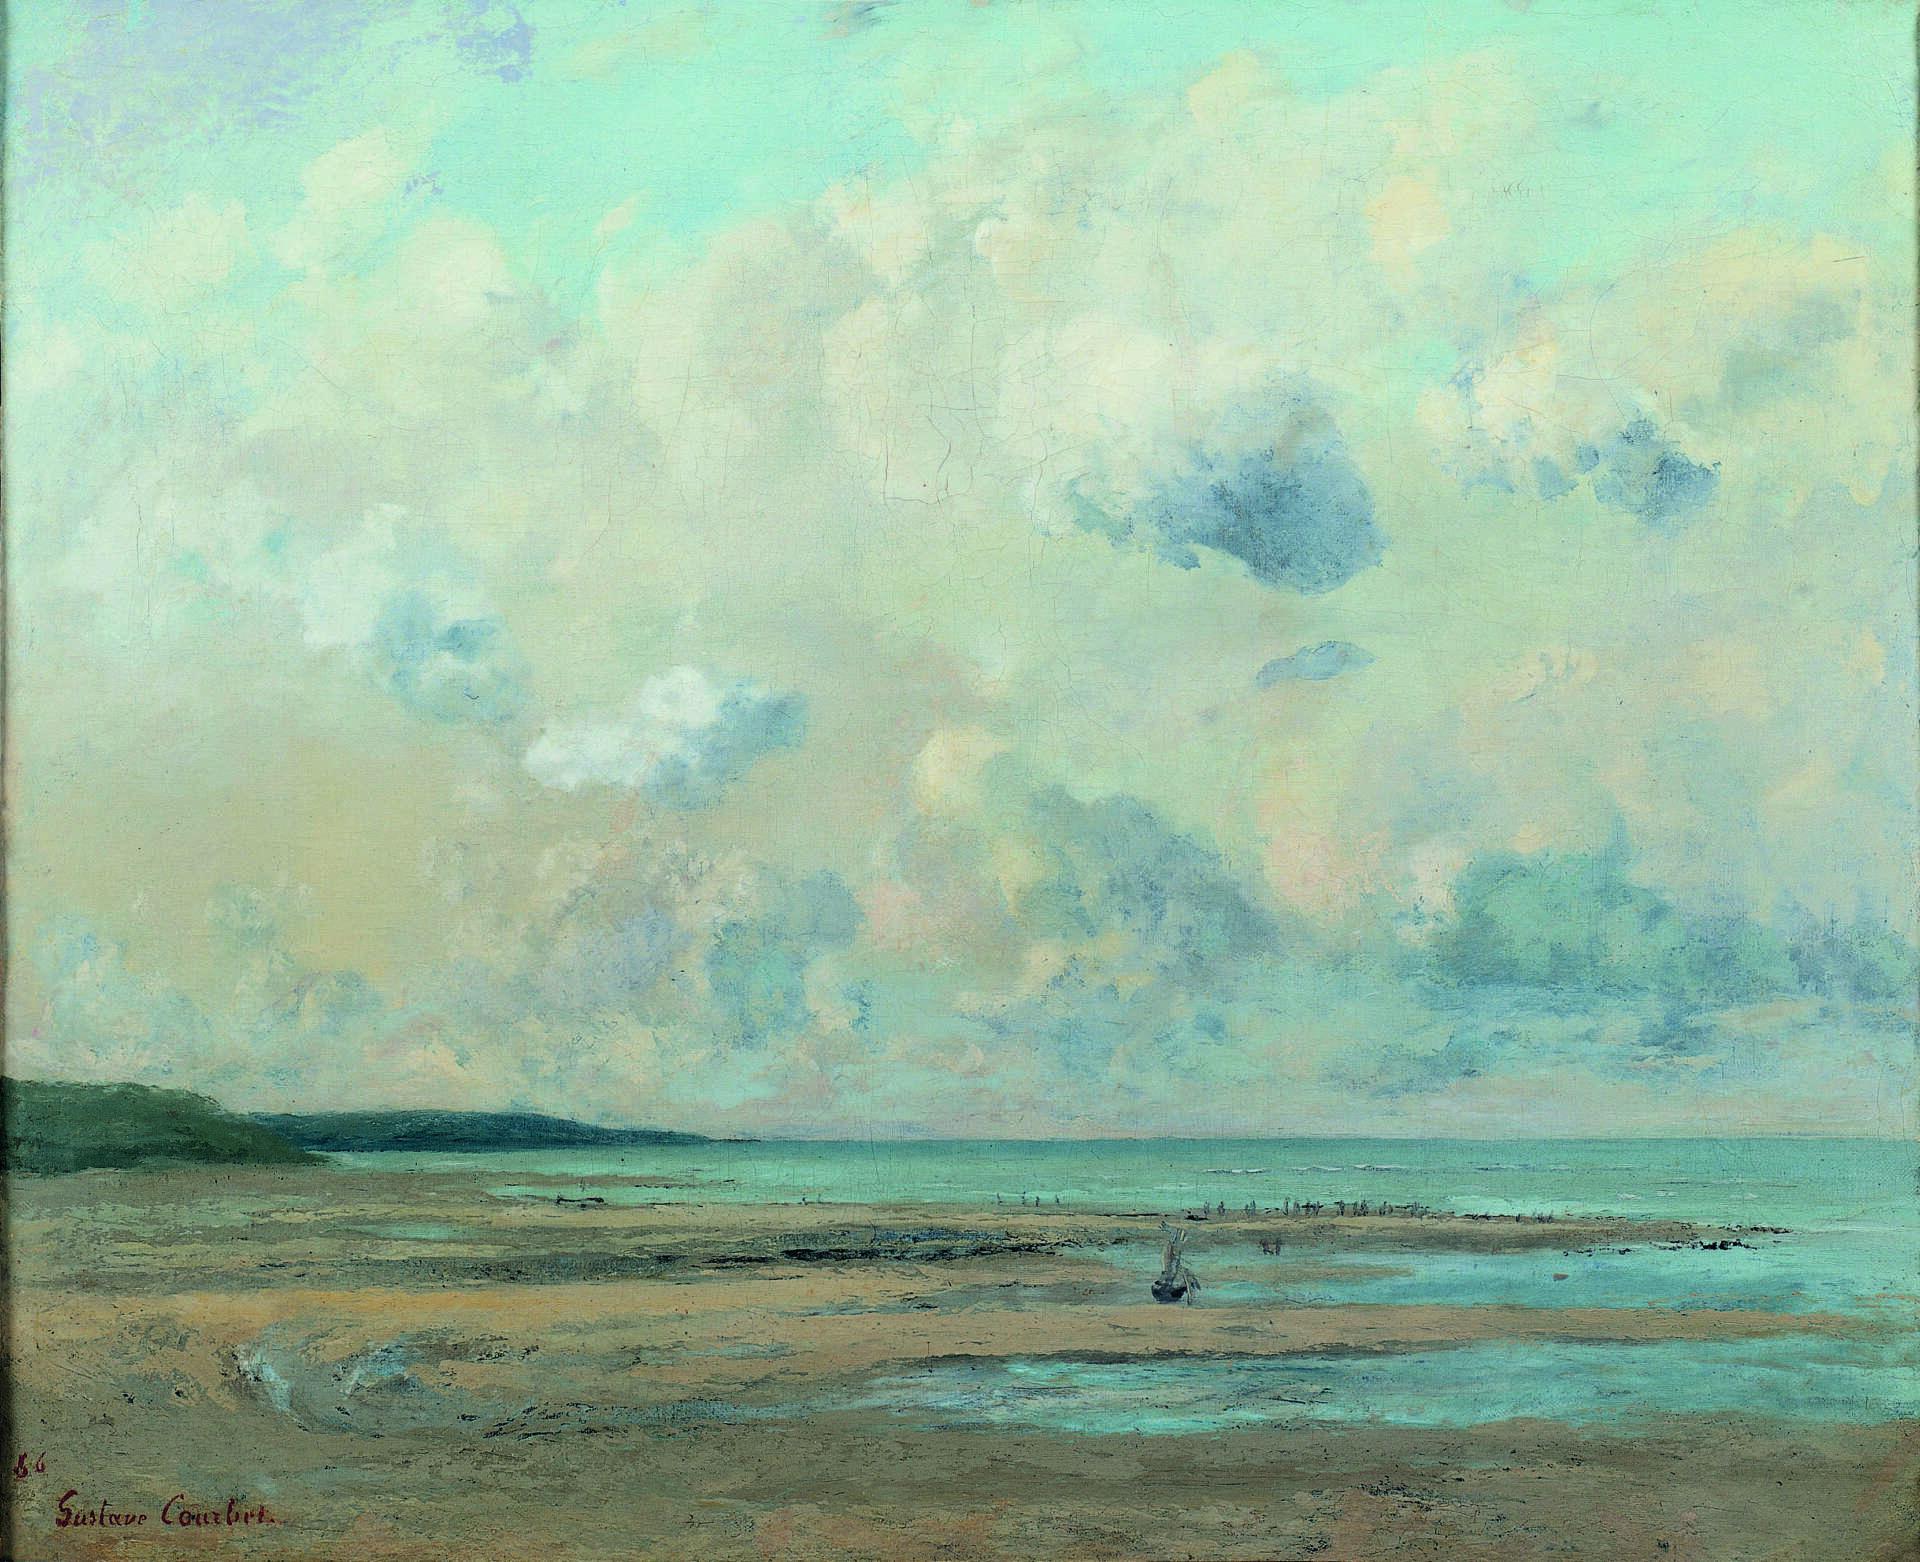 Musée Eugène Boudin, Rivages près de Honfleur de Gustave Courbet @H. Brauner-Musée Eugène Boudin